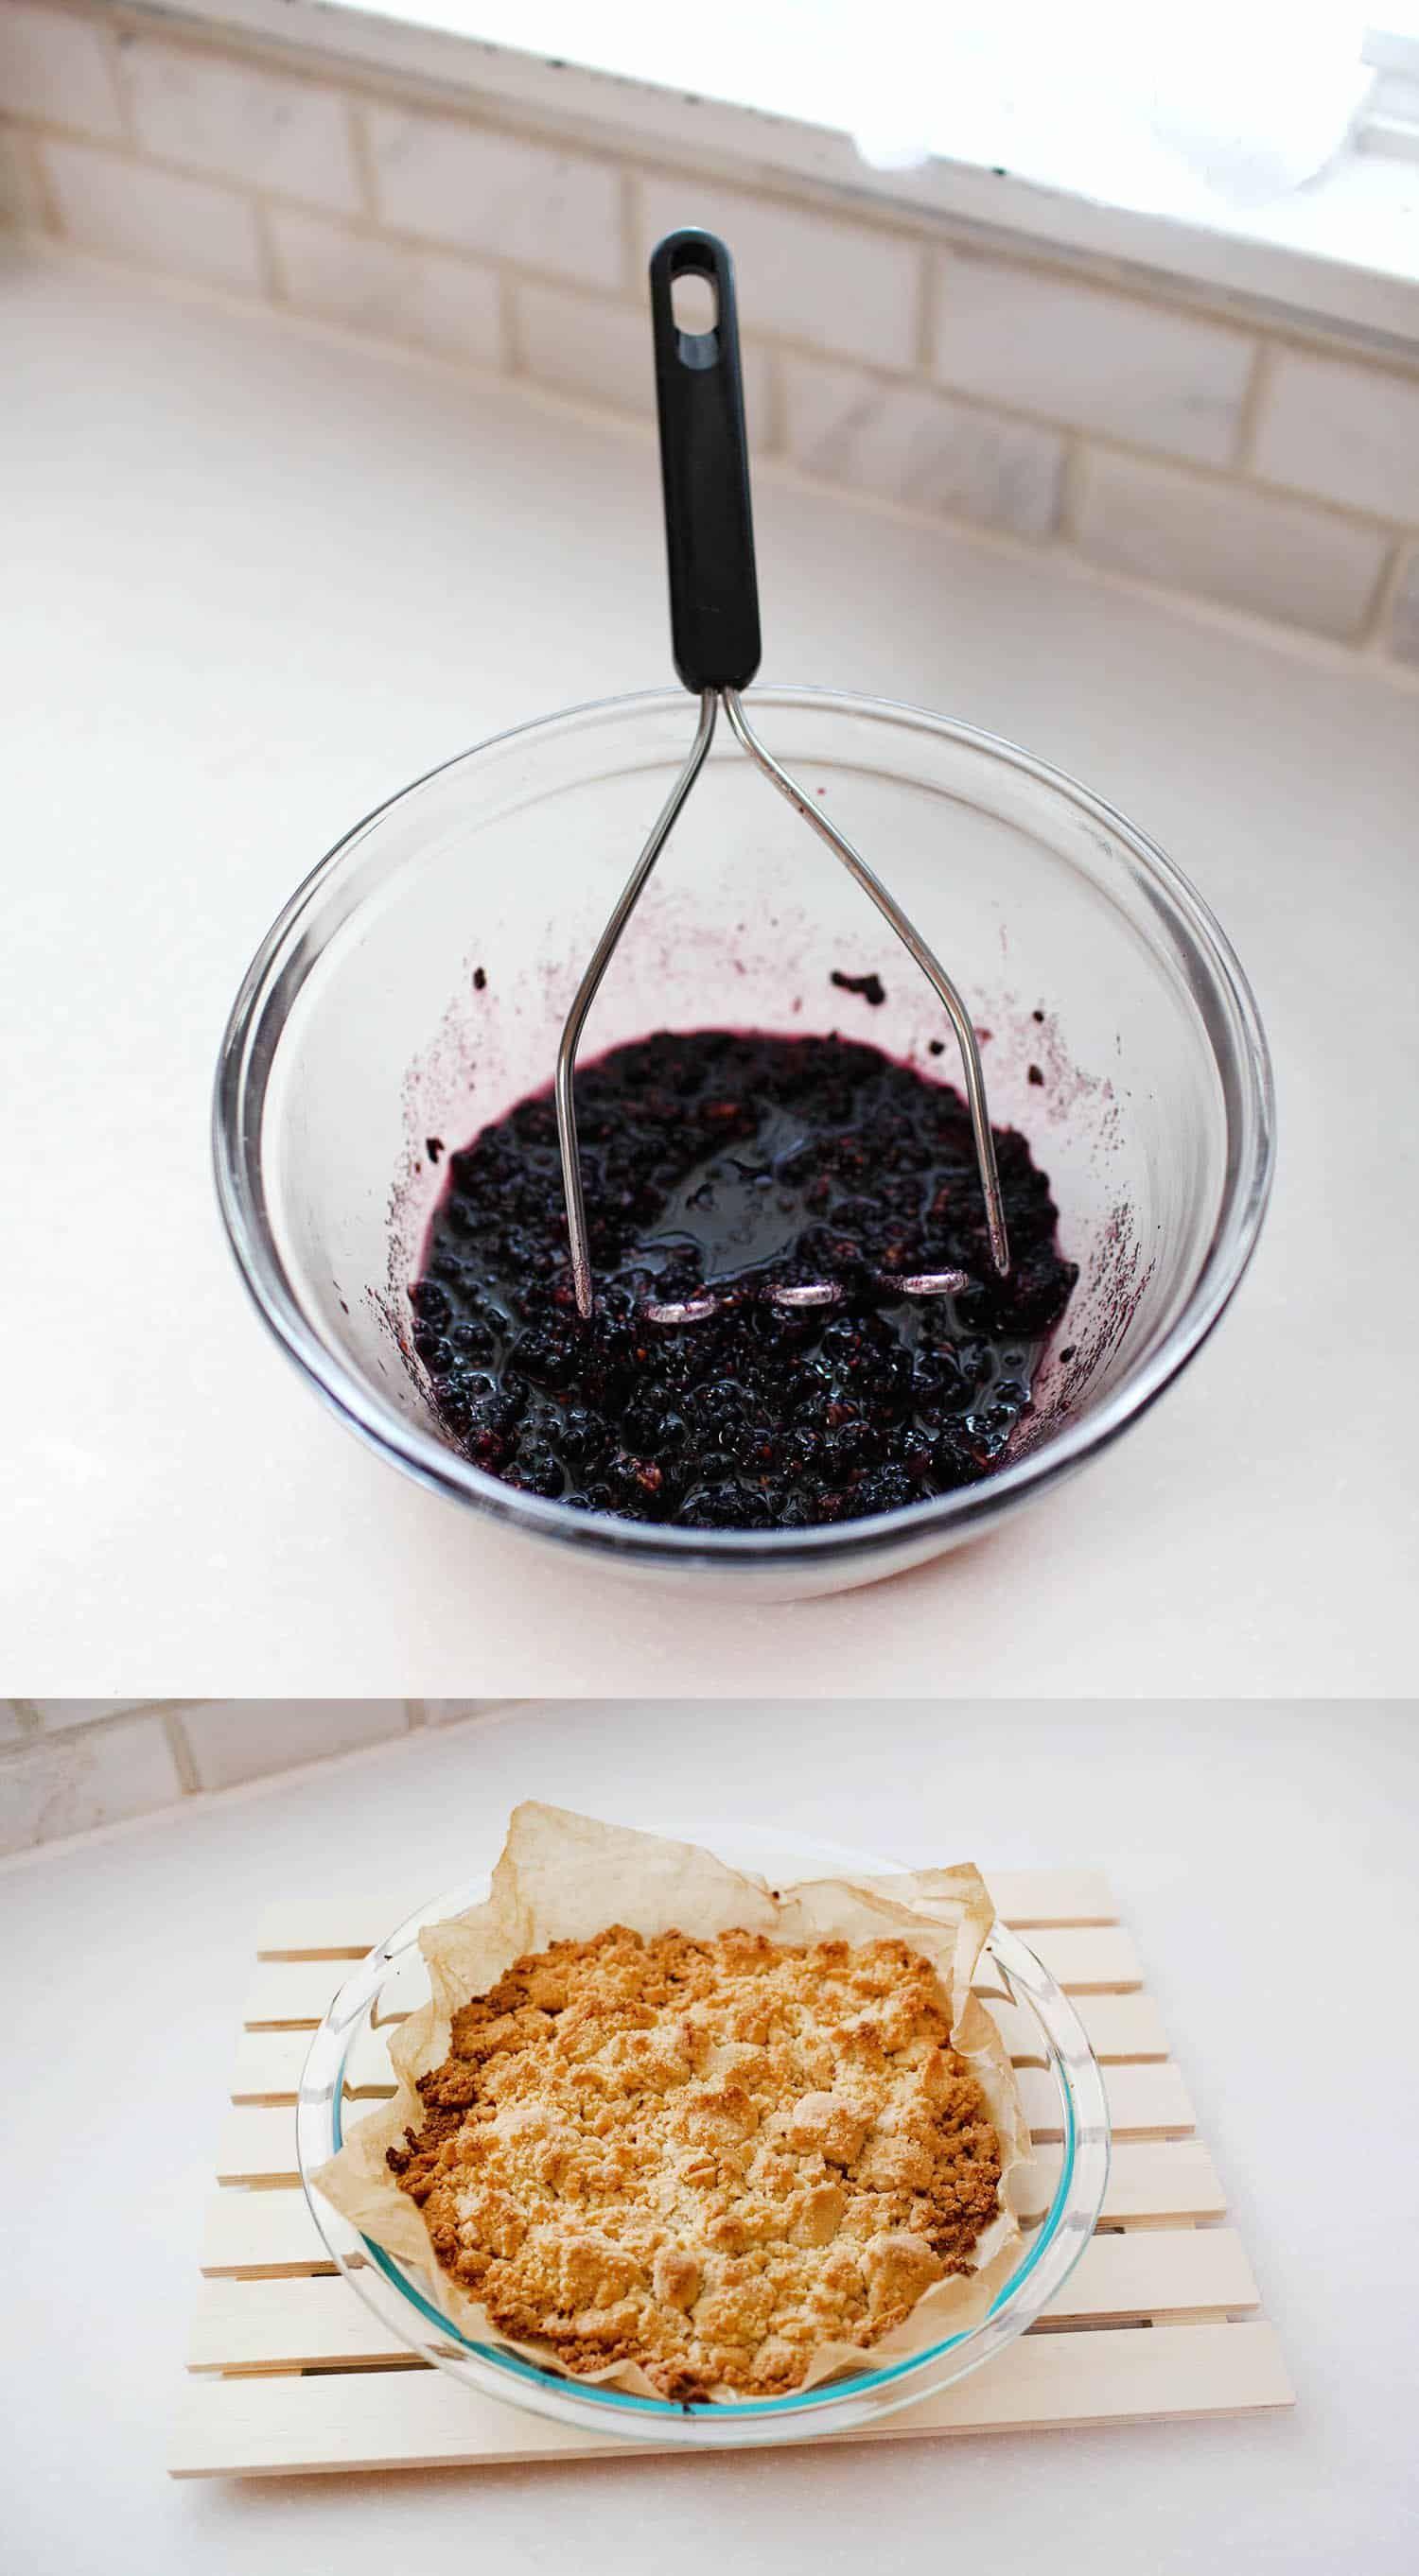 Blackberry cobbler ice cream recipe blackberry cobbler